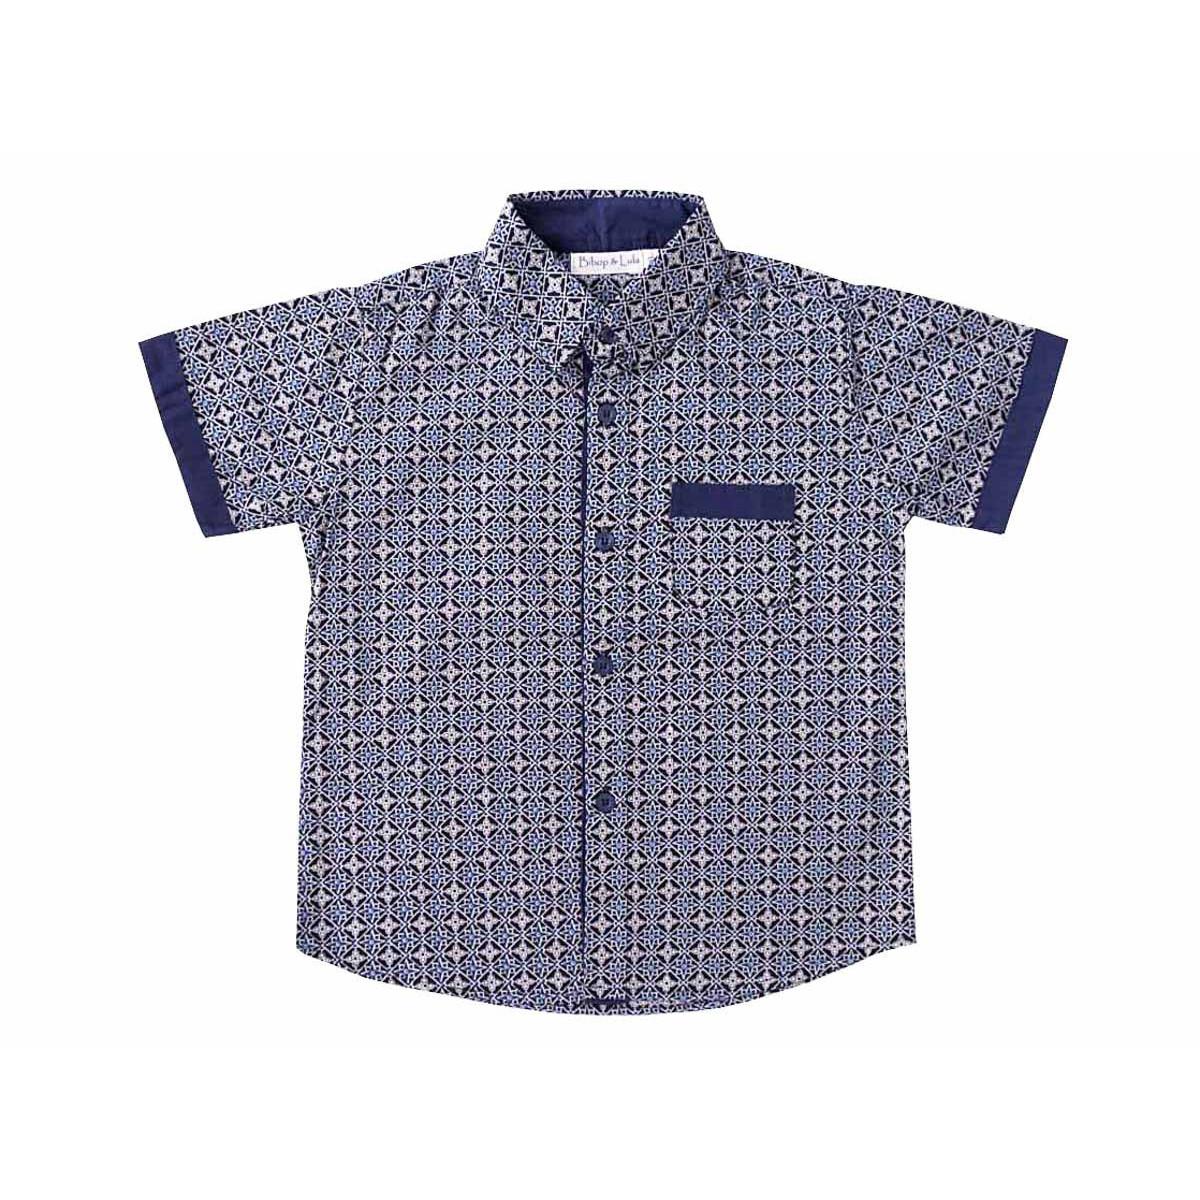 Chemise coton manches courtes garçon 2-10 ans bleu nuit